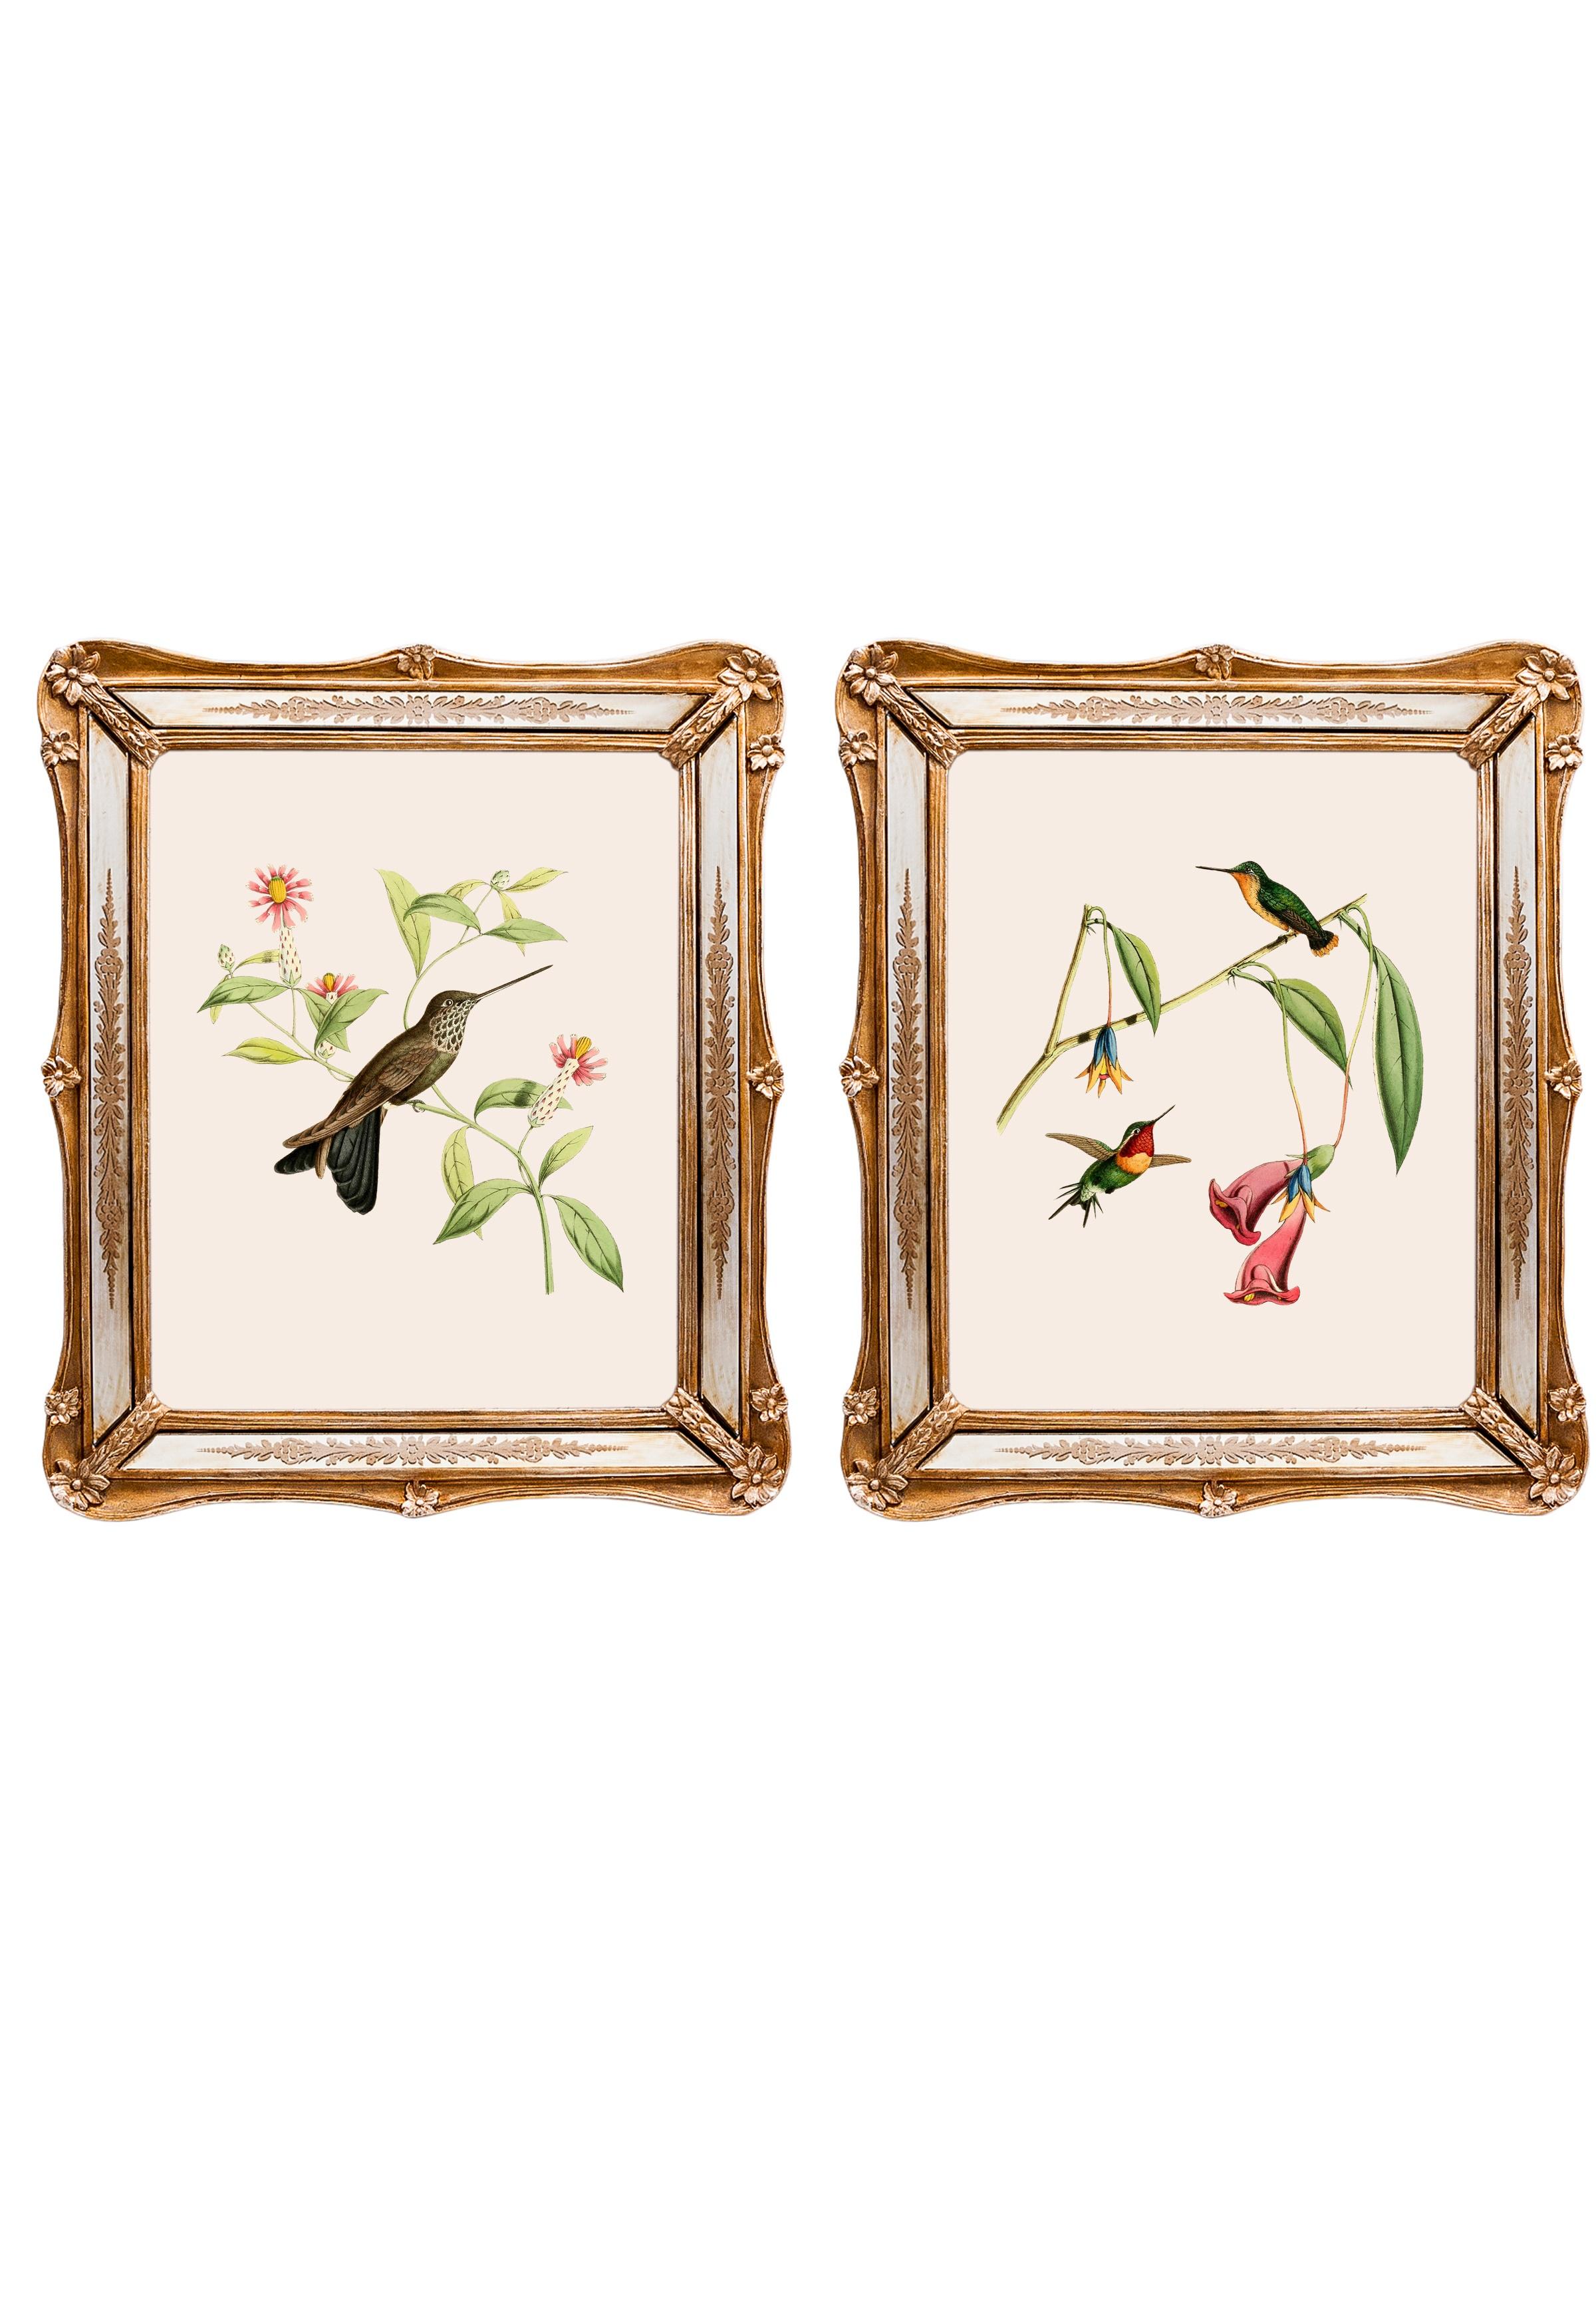 Набор из двух репродукций старинных картин в раме Софи. Дивные птицы 6Картины<br>&amp;lt;div&amp;gt;Изображения райских птиц на акварелях художников 19 века завораживают. Репродукции этих изображений, обрамленные в великолепные и необычные рамы с зеркальными вставками, станут подлинной драгоценностью Вашей комнаты! Картины можно повесить на стену, а можно поставить, например, на стол или камин. Защитный стеклянный слой сохранит изображение от воздействий окружающей среды. Если Вам захочется обновить интерьер, Вы можете с легкостью заменить изображение картины!&amp;lt;/div&amp;gt;&amp;lt;div&amp;gt;&amp;lt;br&amp;gt;&amp;lt;/div&amp;gt;&amp;lt;div&amp;gt;Изображение - дизайнерская бумага; рама - искуственный камень, зеркальные вставки; защитный слой - стекло&amp;amp;nbsp;&amp;lt;/div&amp;gt;&amp;lt;div&amp;gt;цвет:мультиколор&amp;amp;nbsp;&amp;lt;/div&amp;gt;<br><br>Material: Бумага<br>Width см: 26,5<br>Depth см: 2<br>Height см: 30,5